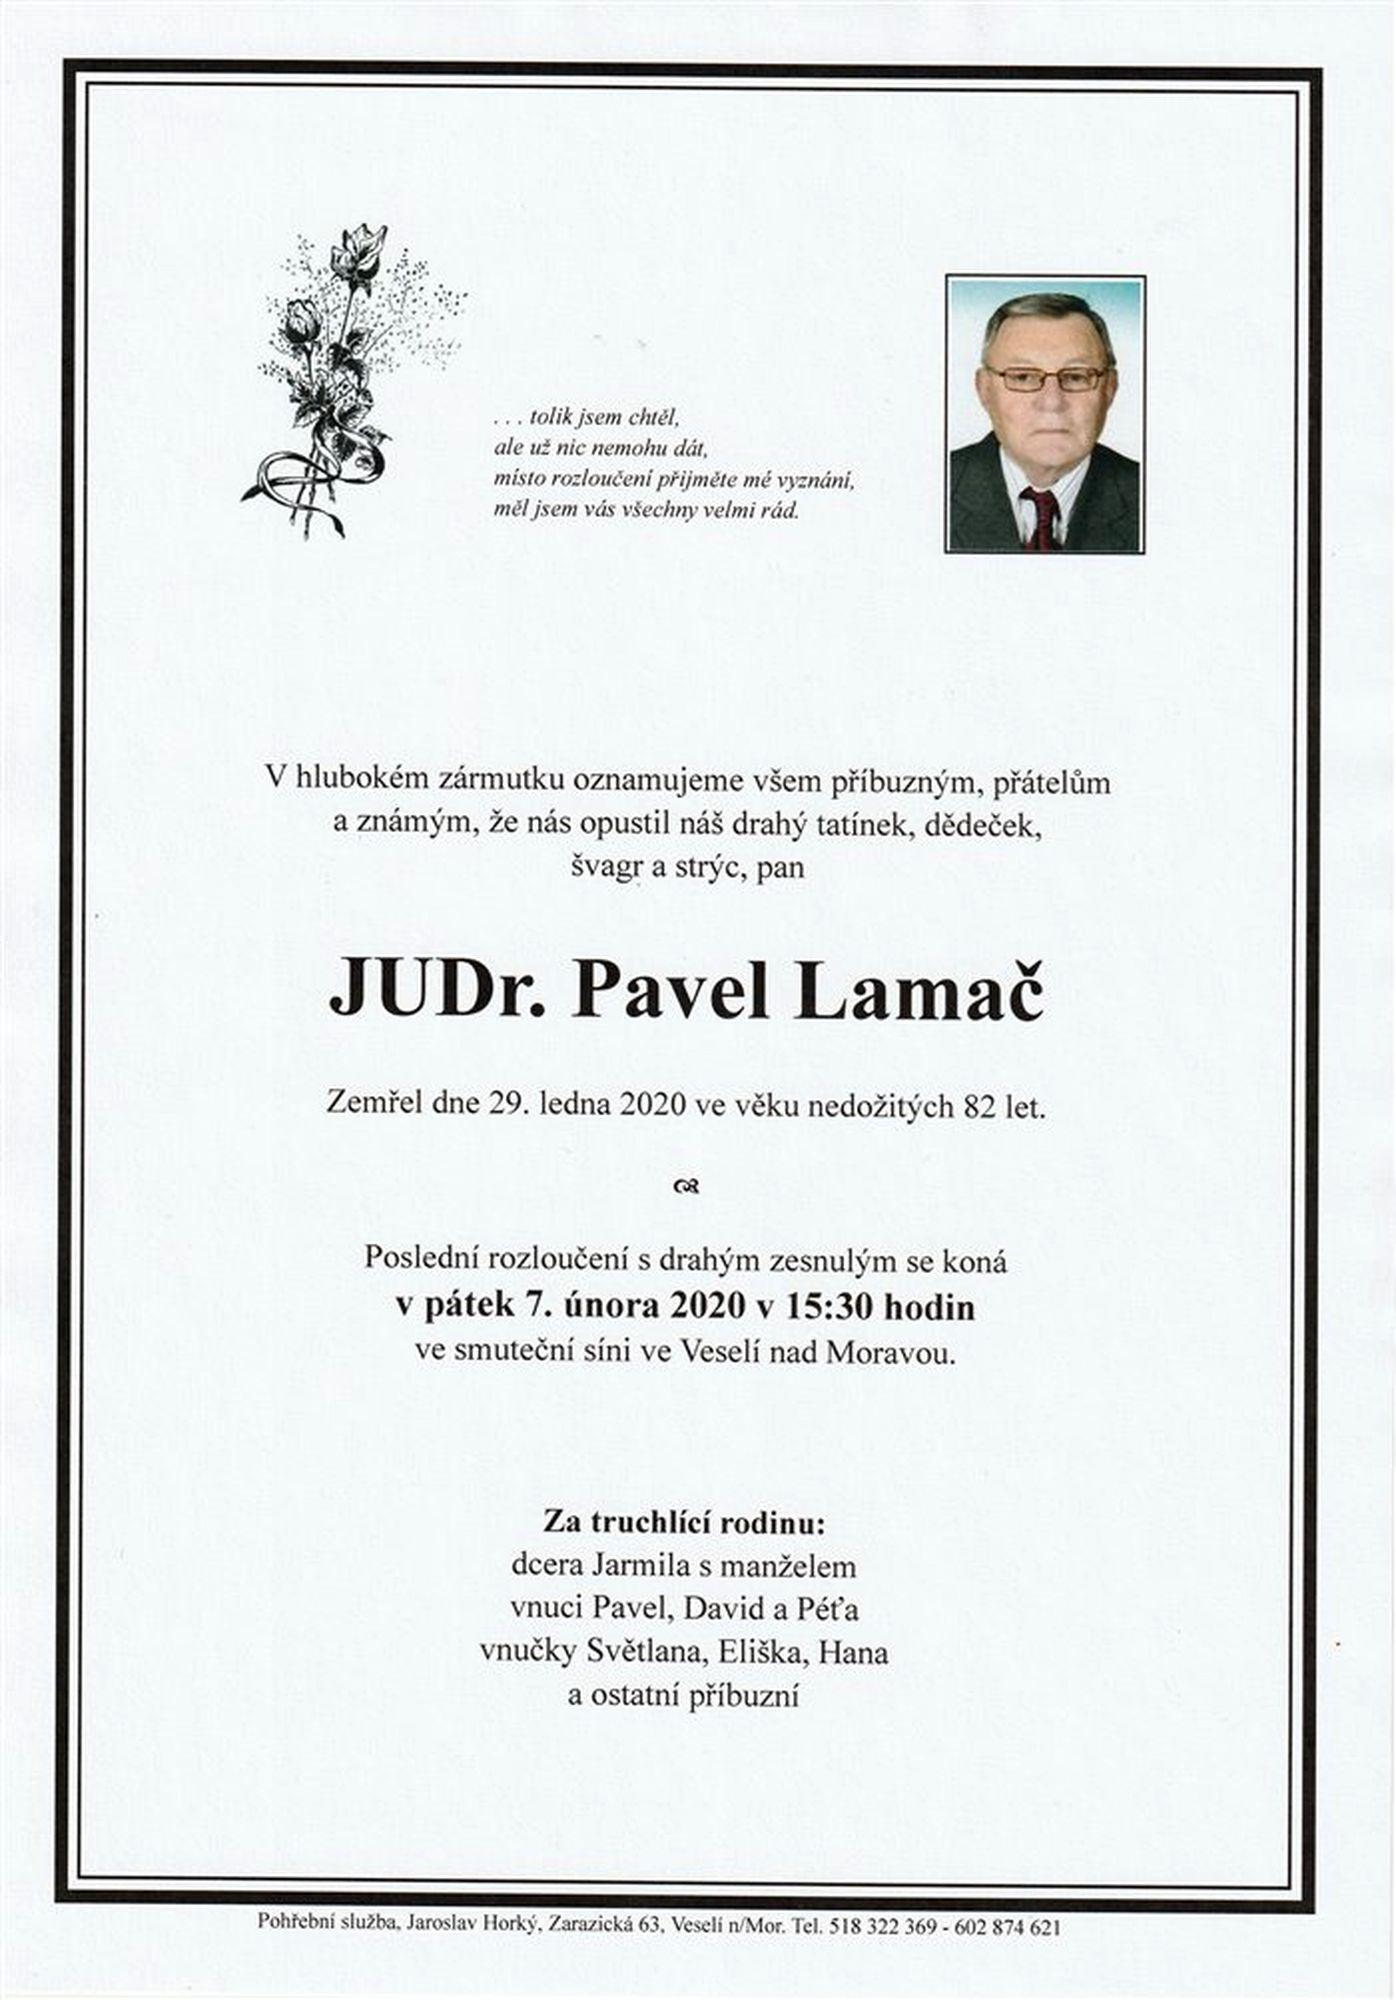 JUDr. Pavel Lamač